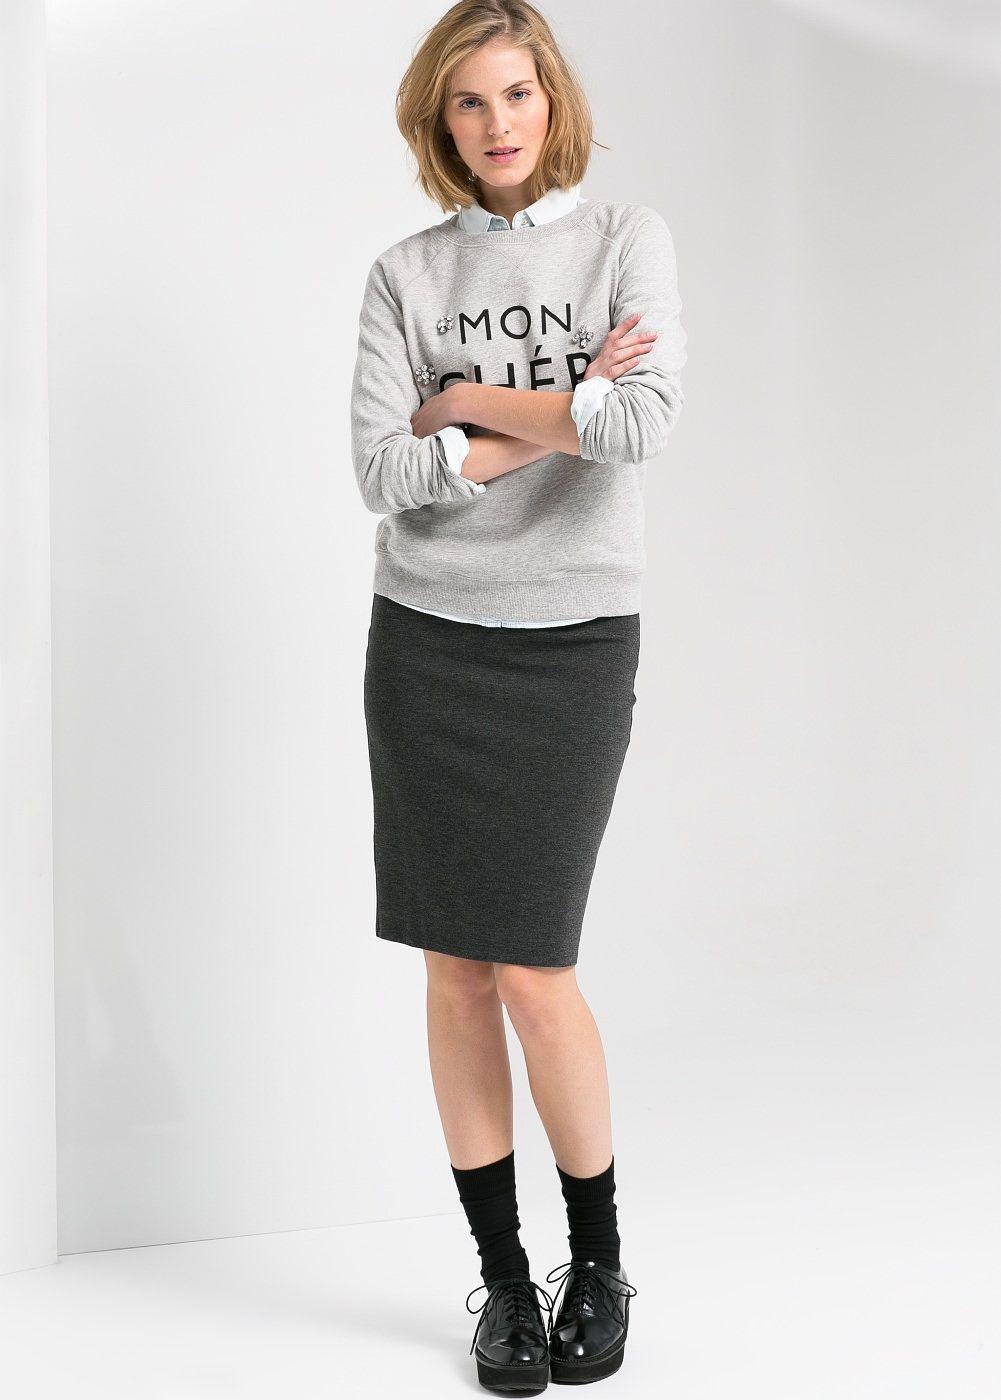 jupe crayon en maille femme pimkie buste pinterest jupes crayon jupe et mode. Black Bedroom Furniture Sets. Home Design Ideas